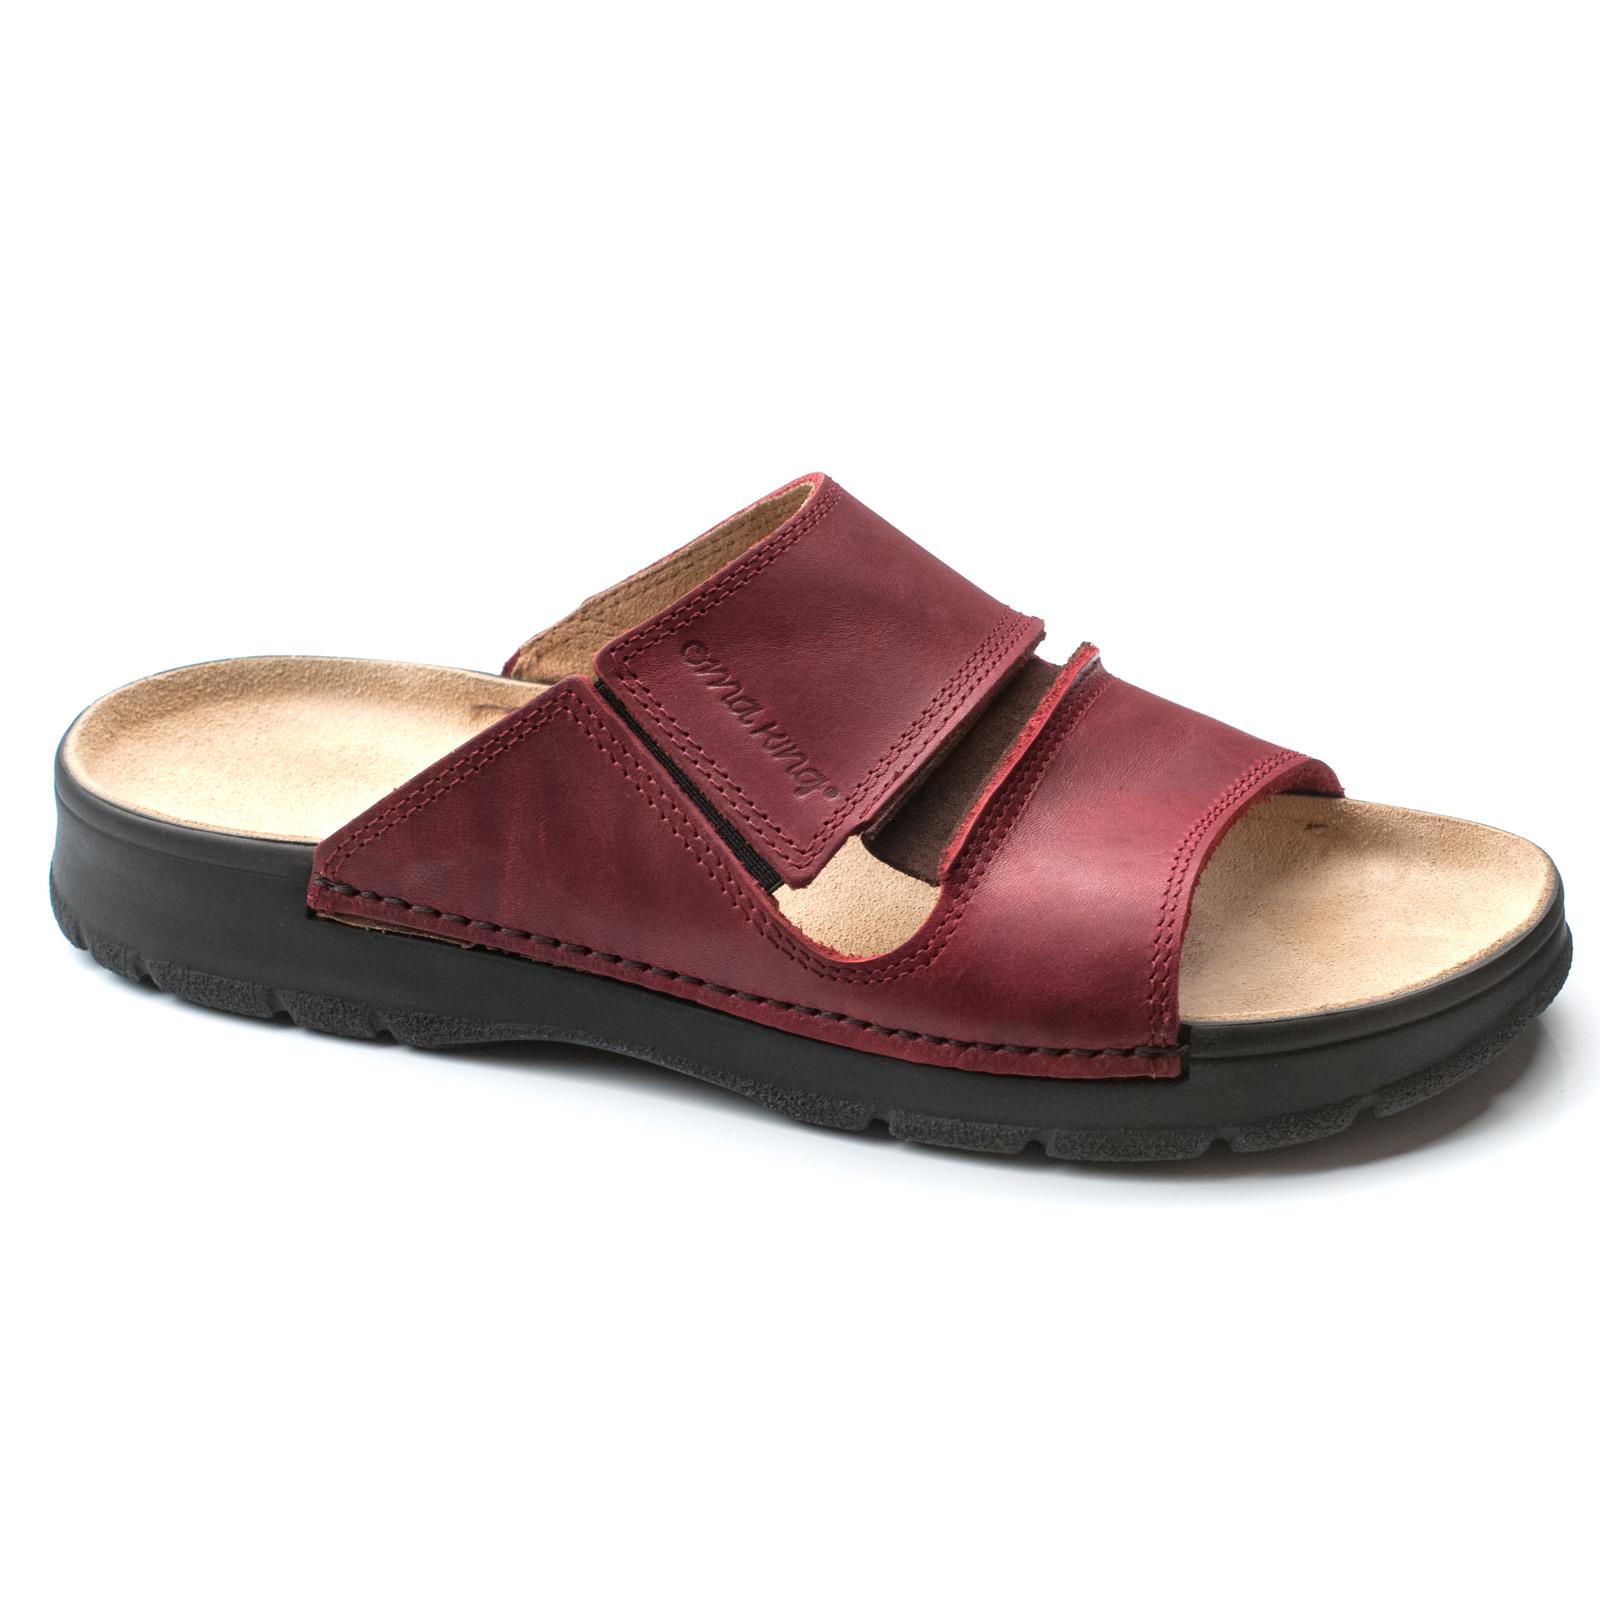 4c7fe45abbc OmaKing Classical jalgatorgatavad nahast sandaalid Miku - OmaKing